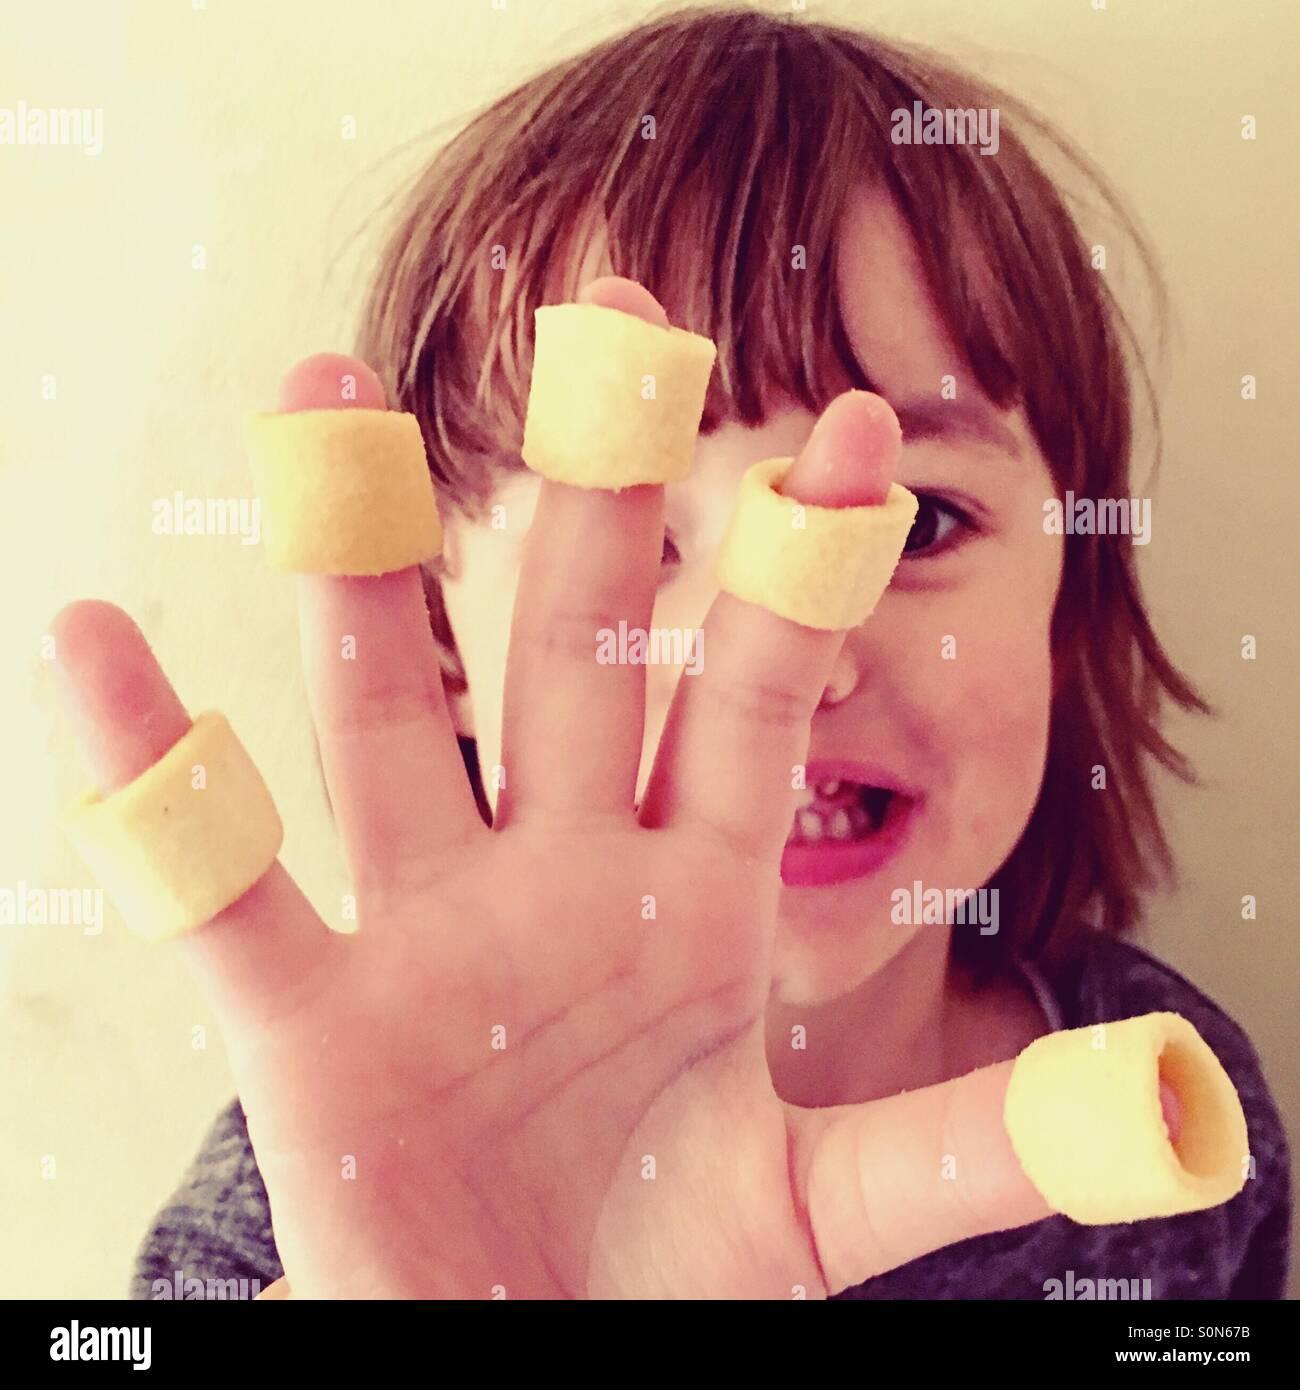 Petit garçon de 4 ans avec chips de pommes de terre sur ses doigts. Photo Stock